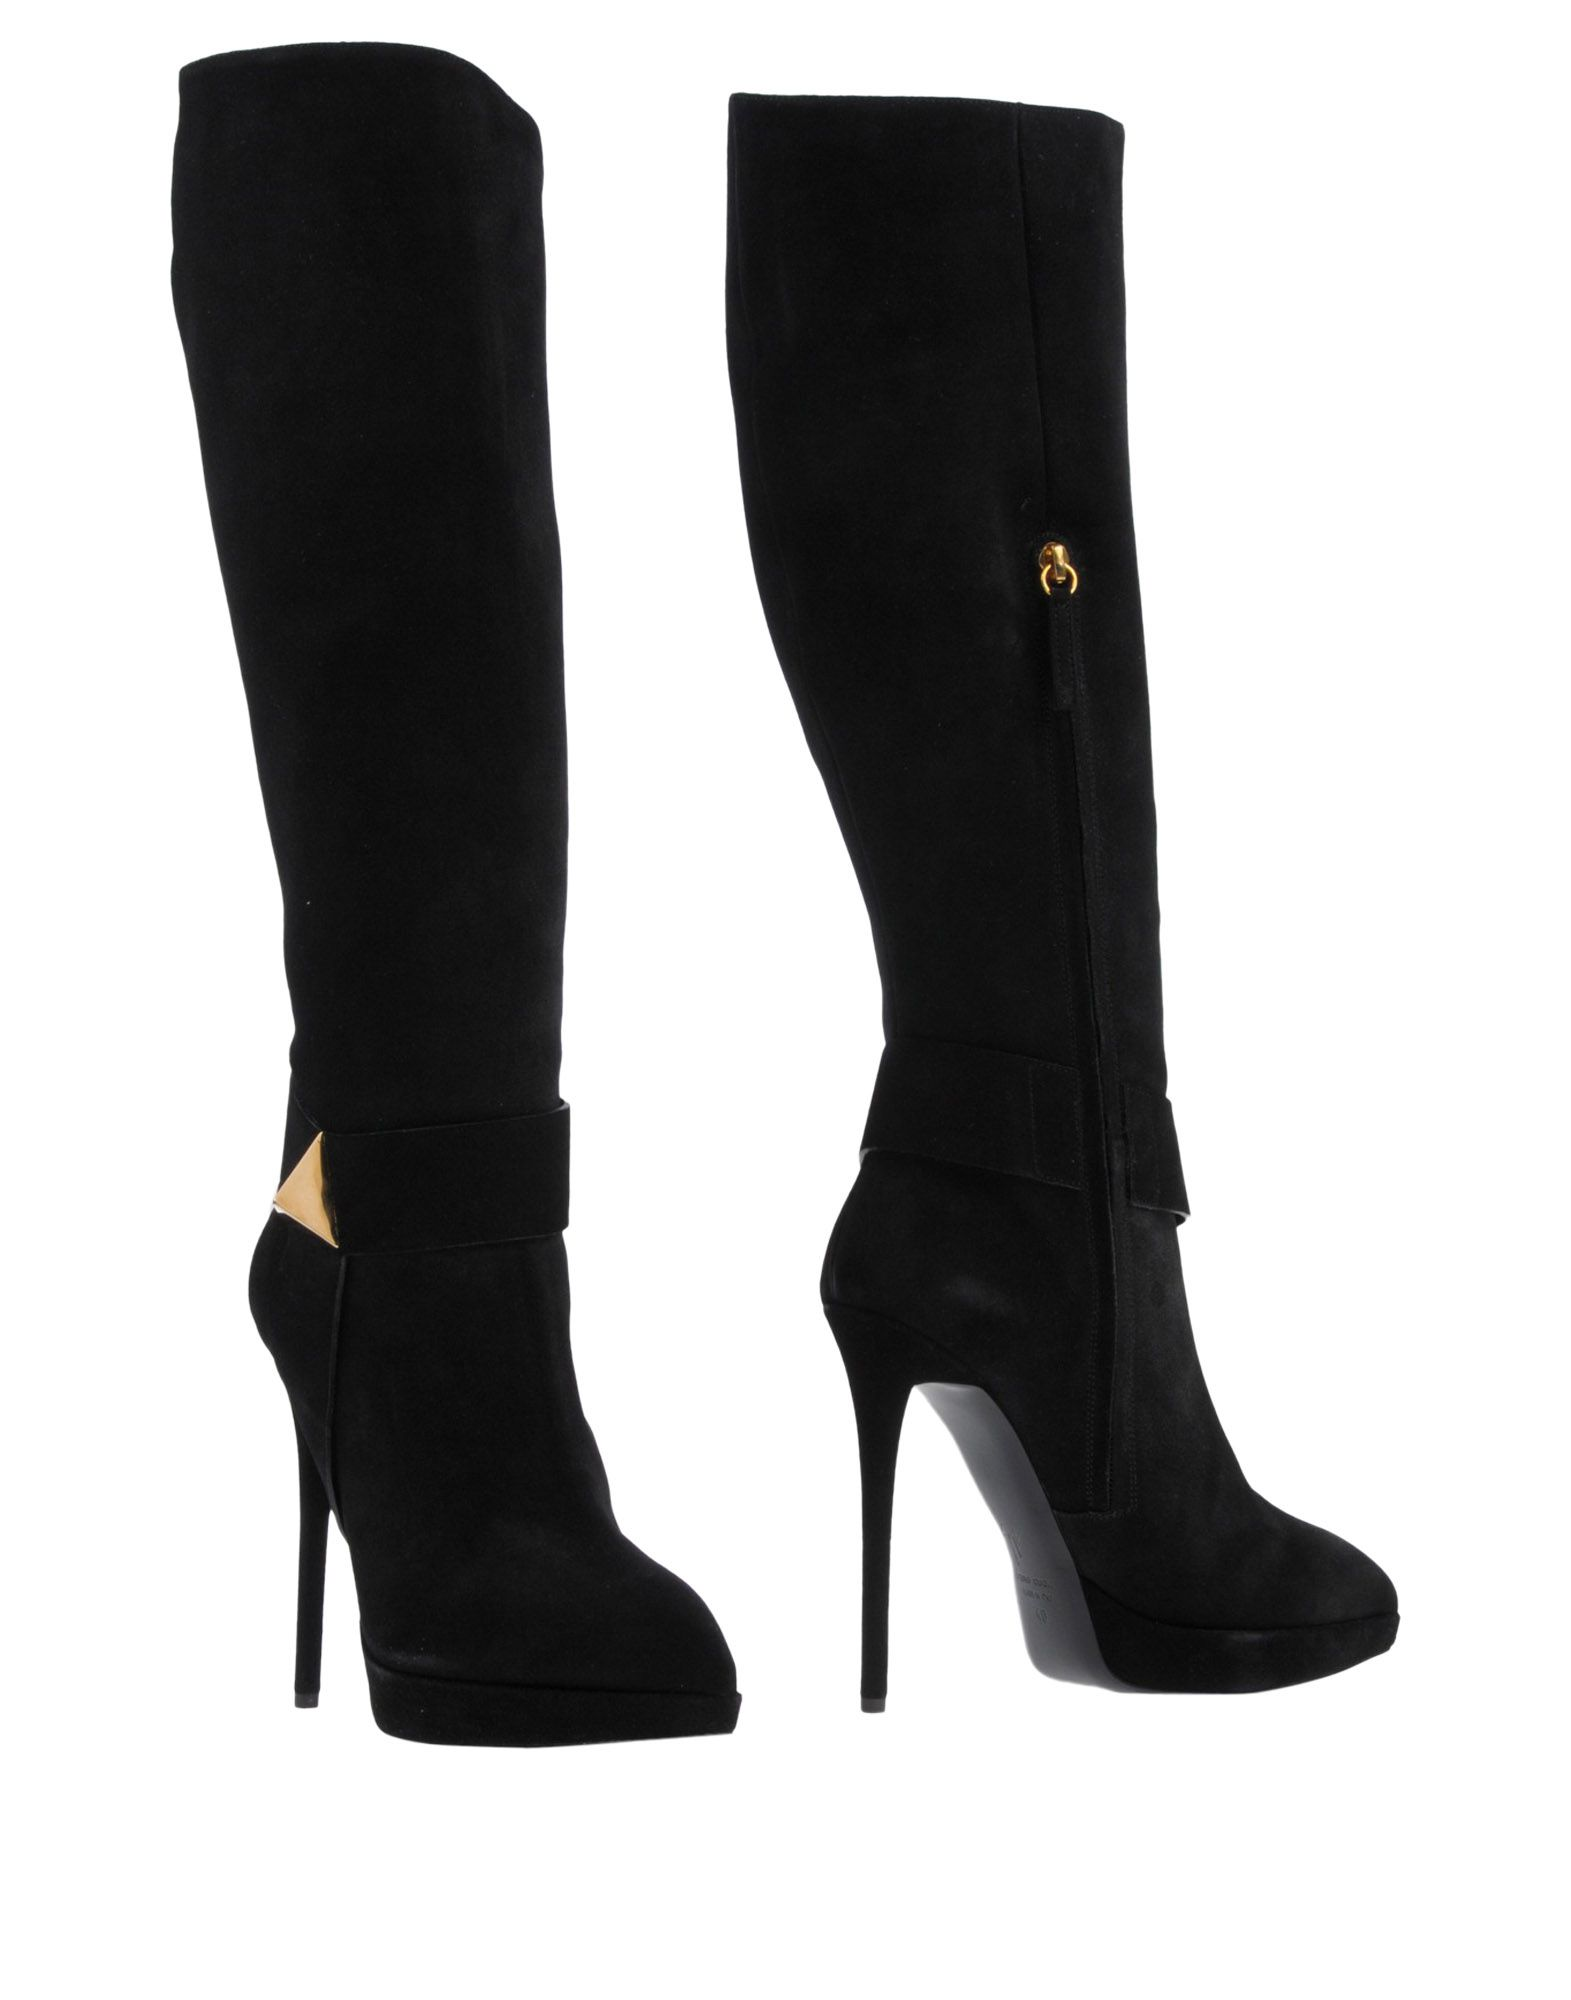 Stivali Giuseppe Zanotti Design Donna - Acquista online su